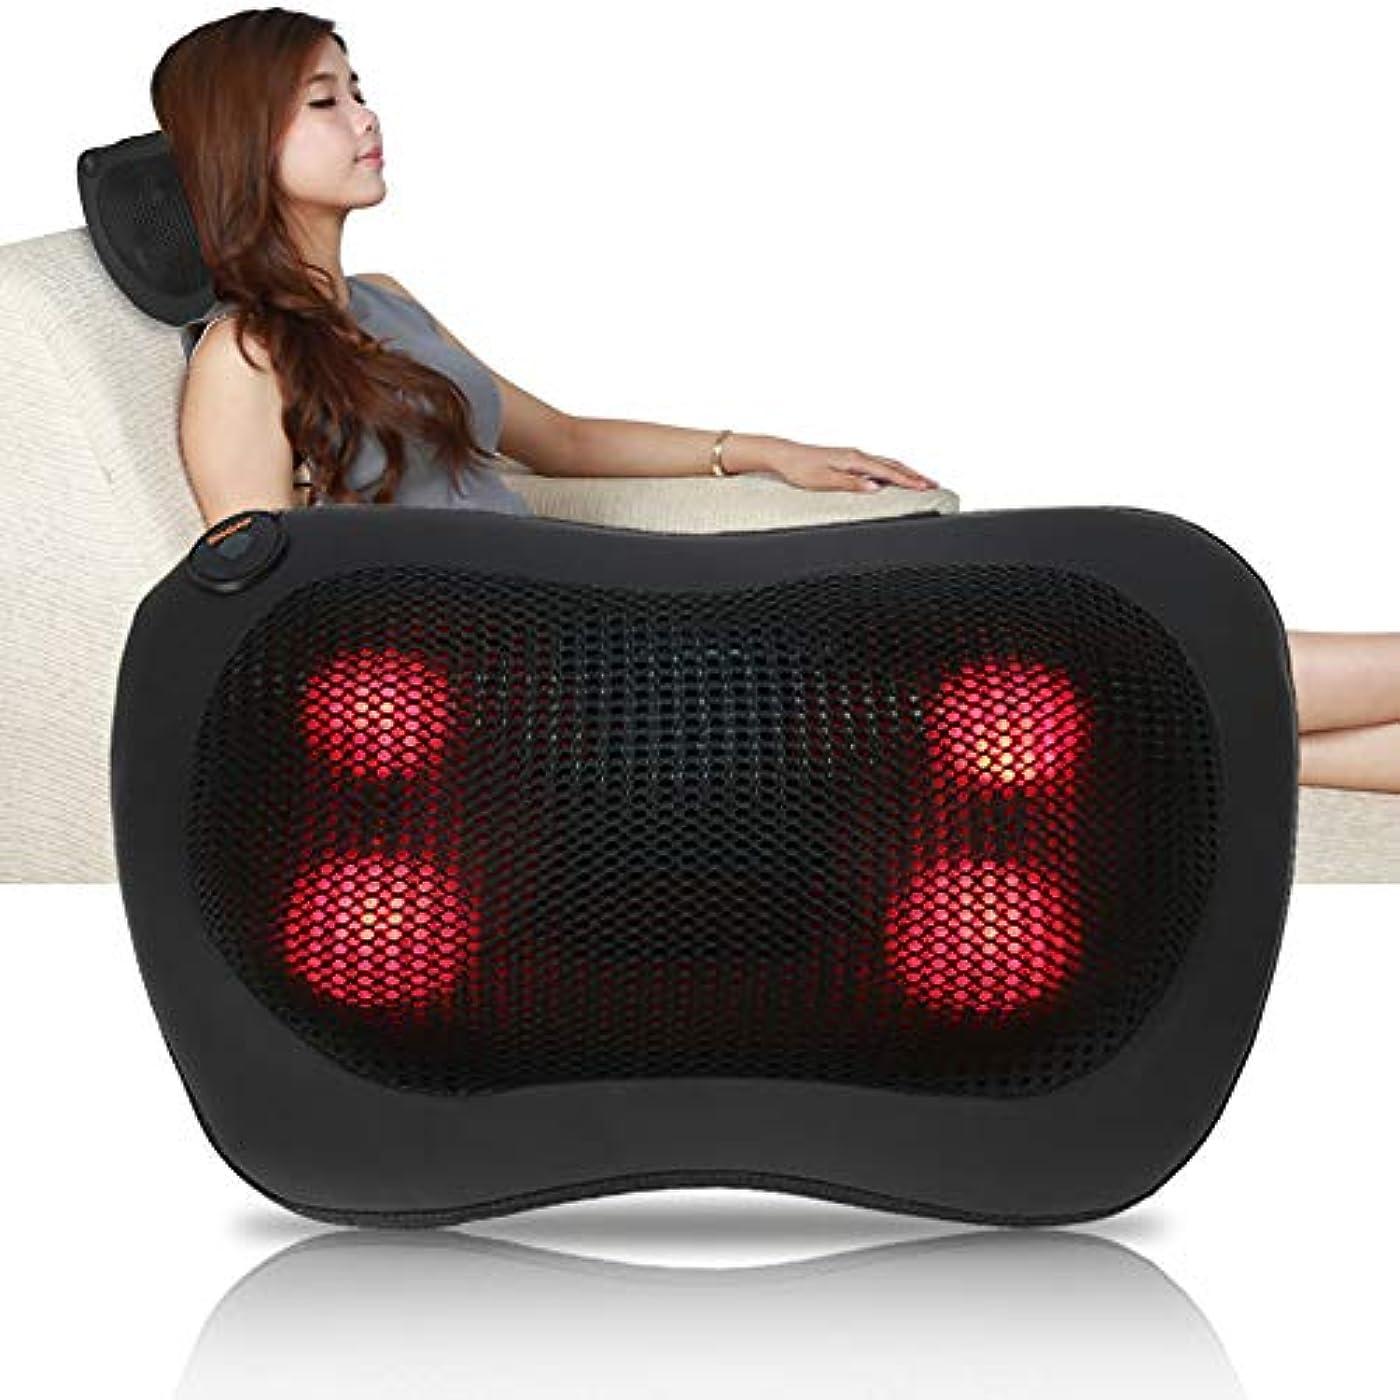 予測コンプライアンス贅沢携帯用 電気マッサージの枕 暖房療法 首のウエスト 足の腕 マッサージ用具(ブラック)